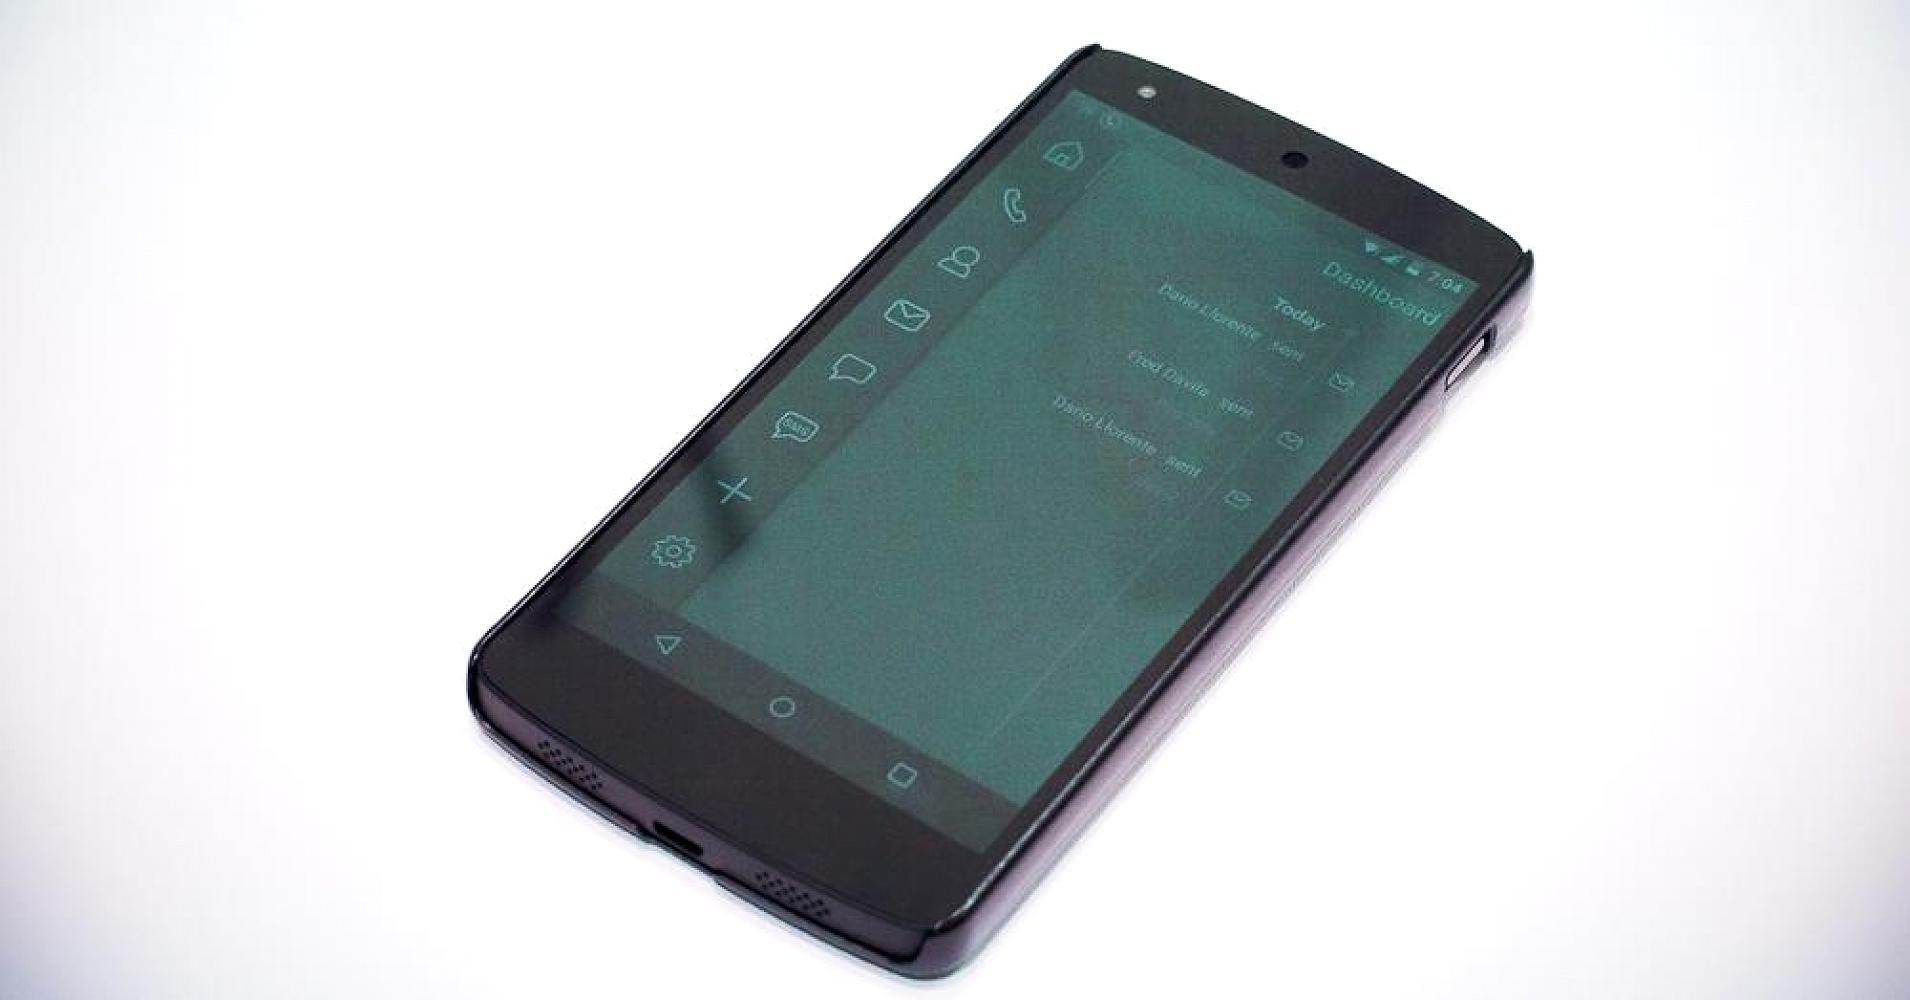 GranitePhone es el mas moderno de los smartphones ultra-seguros disponibles 1